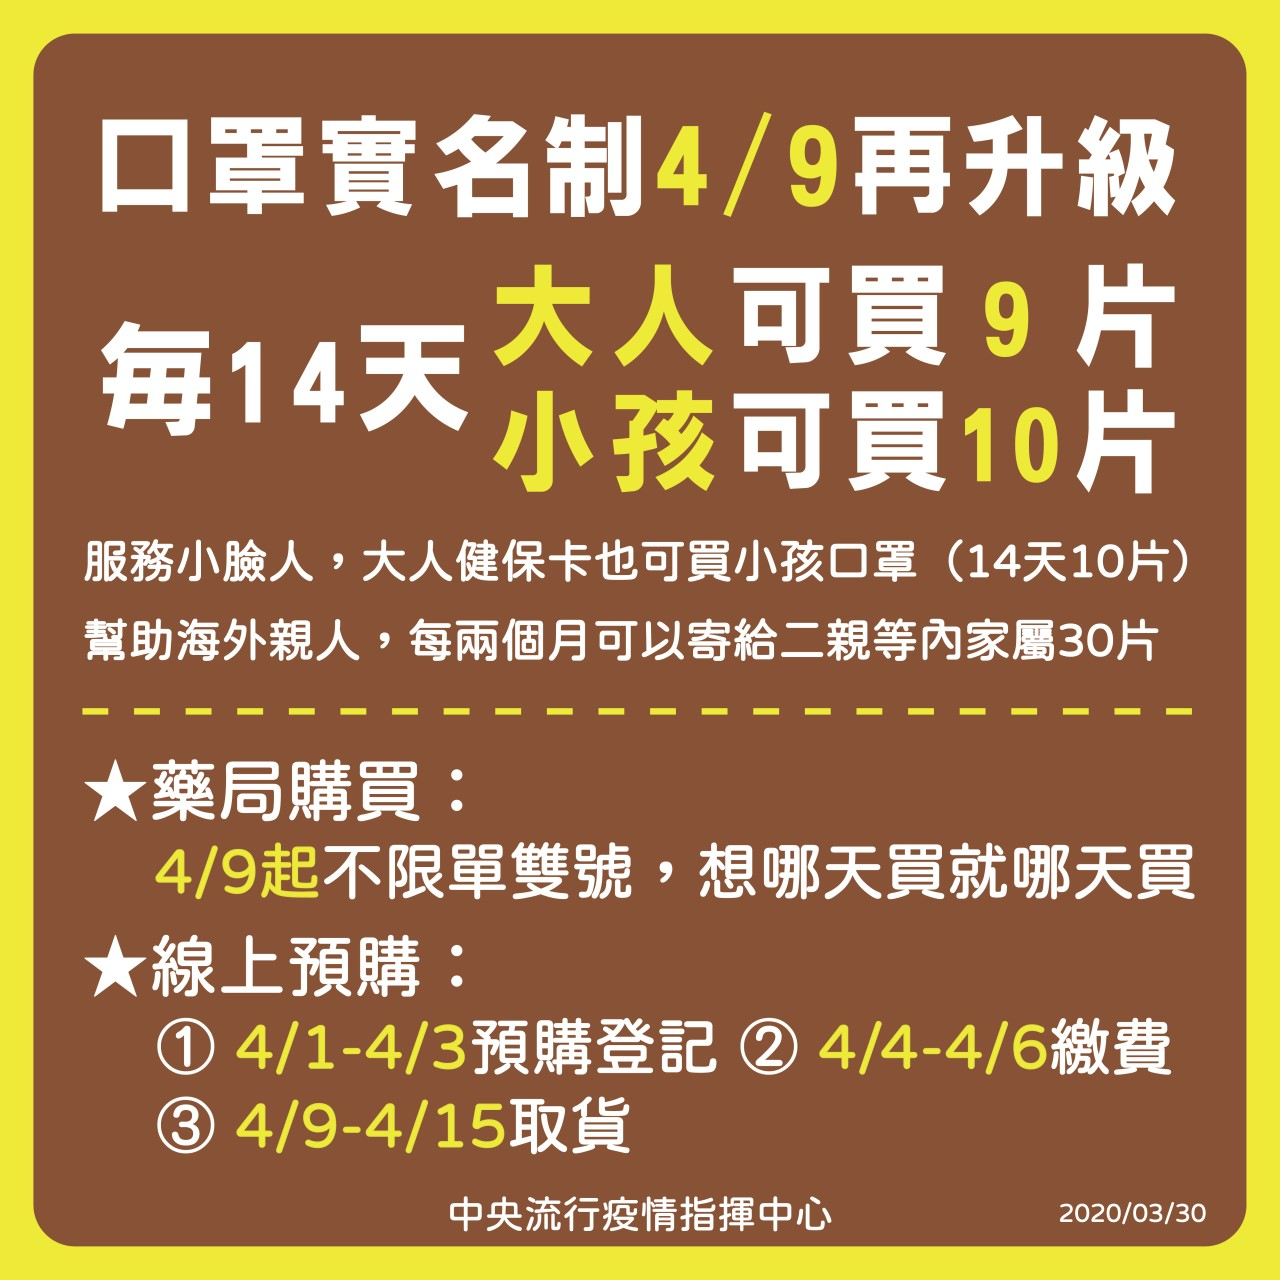 4月9日起每14天可以購買成人口罩9片或小孩口罩10片,藥局購買也將不再限制單雙號,民眾更可以開始寄送口罩給海外二等以內親屬,每兩個月可以寄出30片